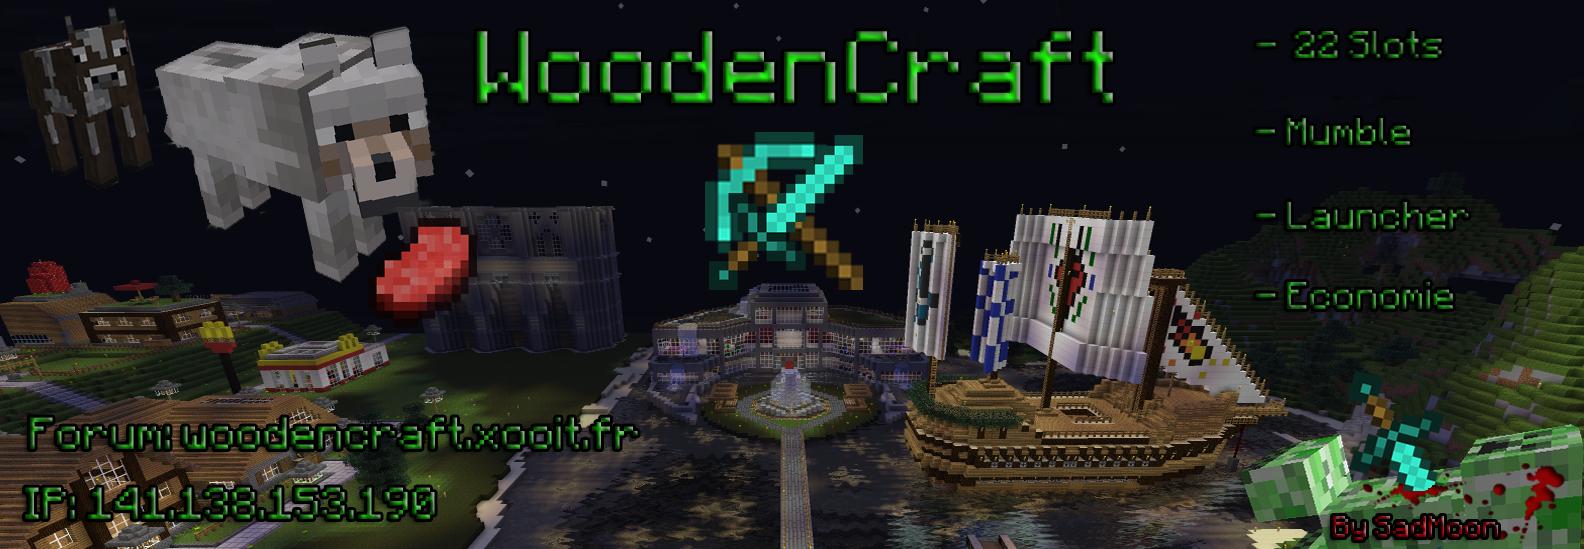 Woodencraft-Minecraft Index du Forum